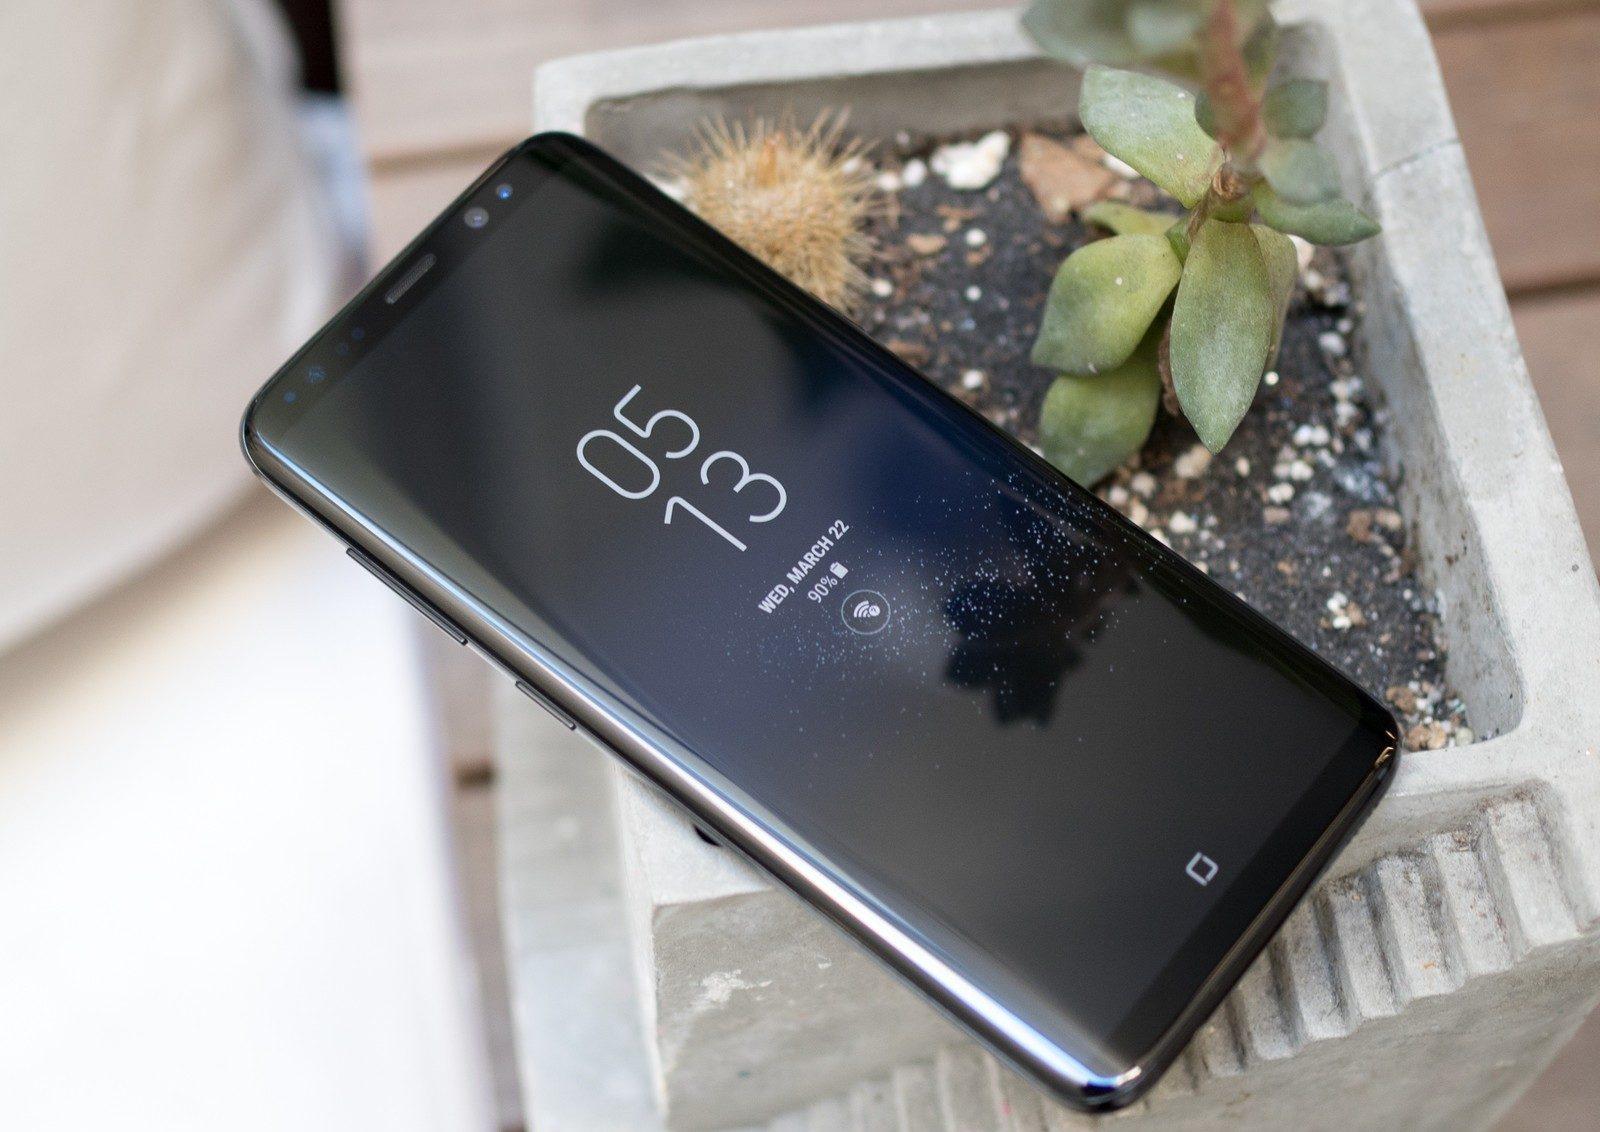 Thay mic Samsung S8 trong 1 tiếng